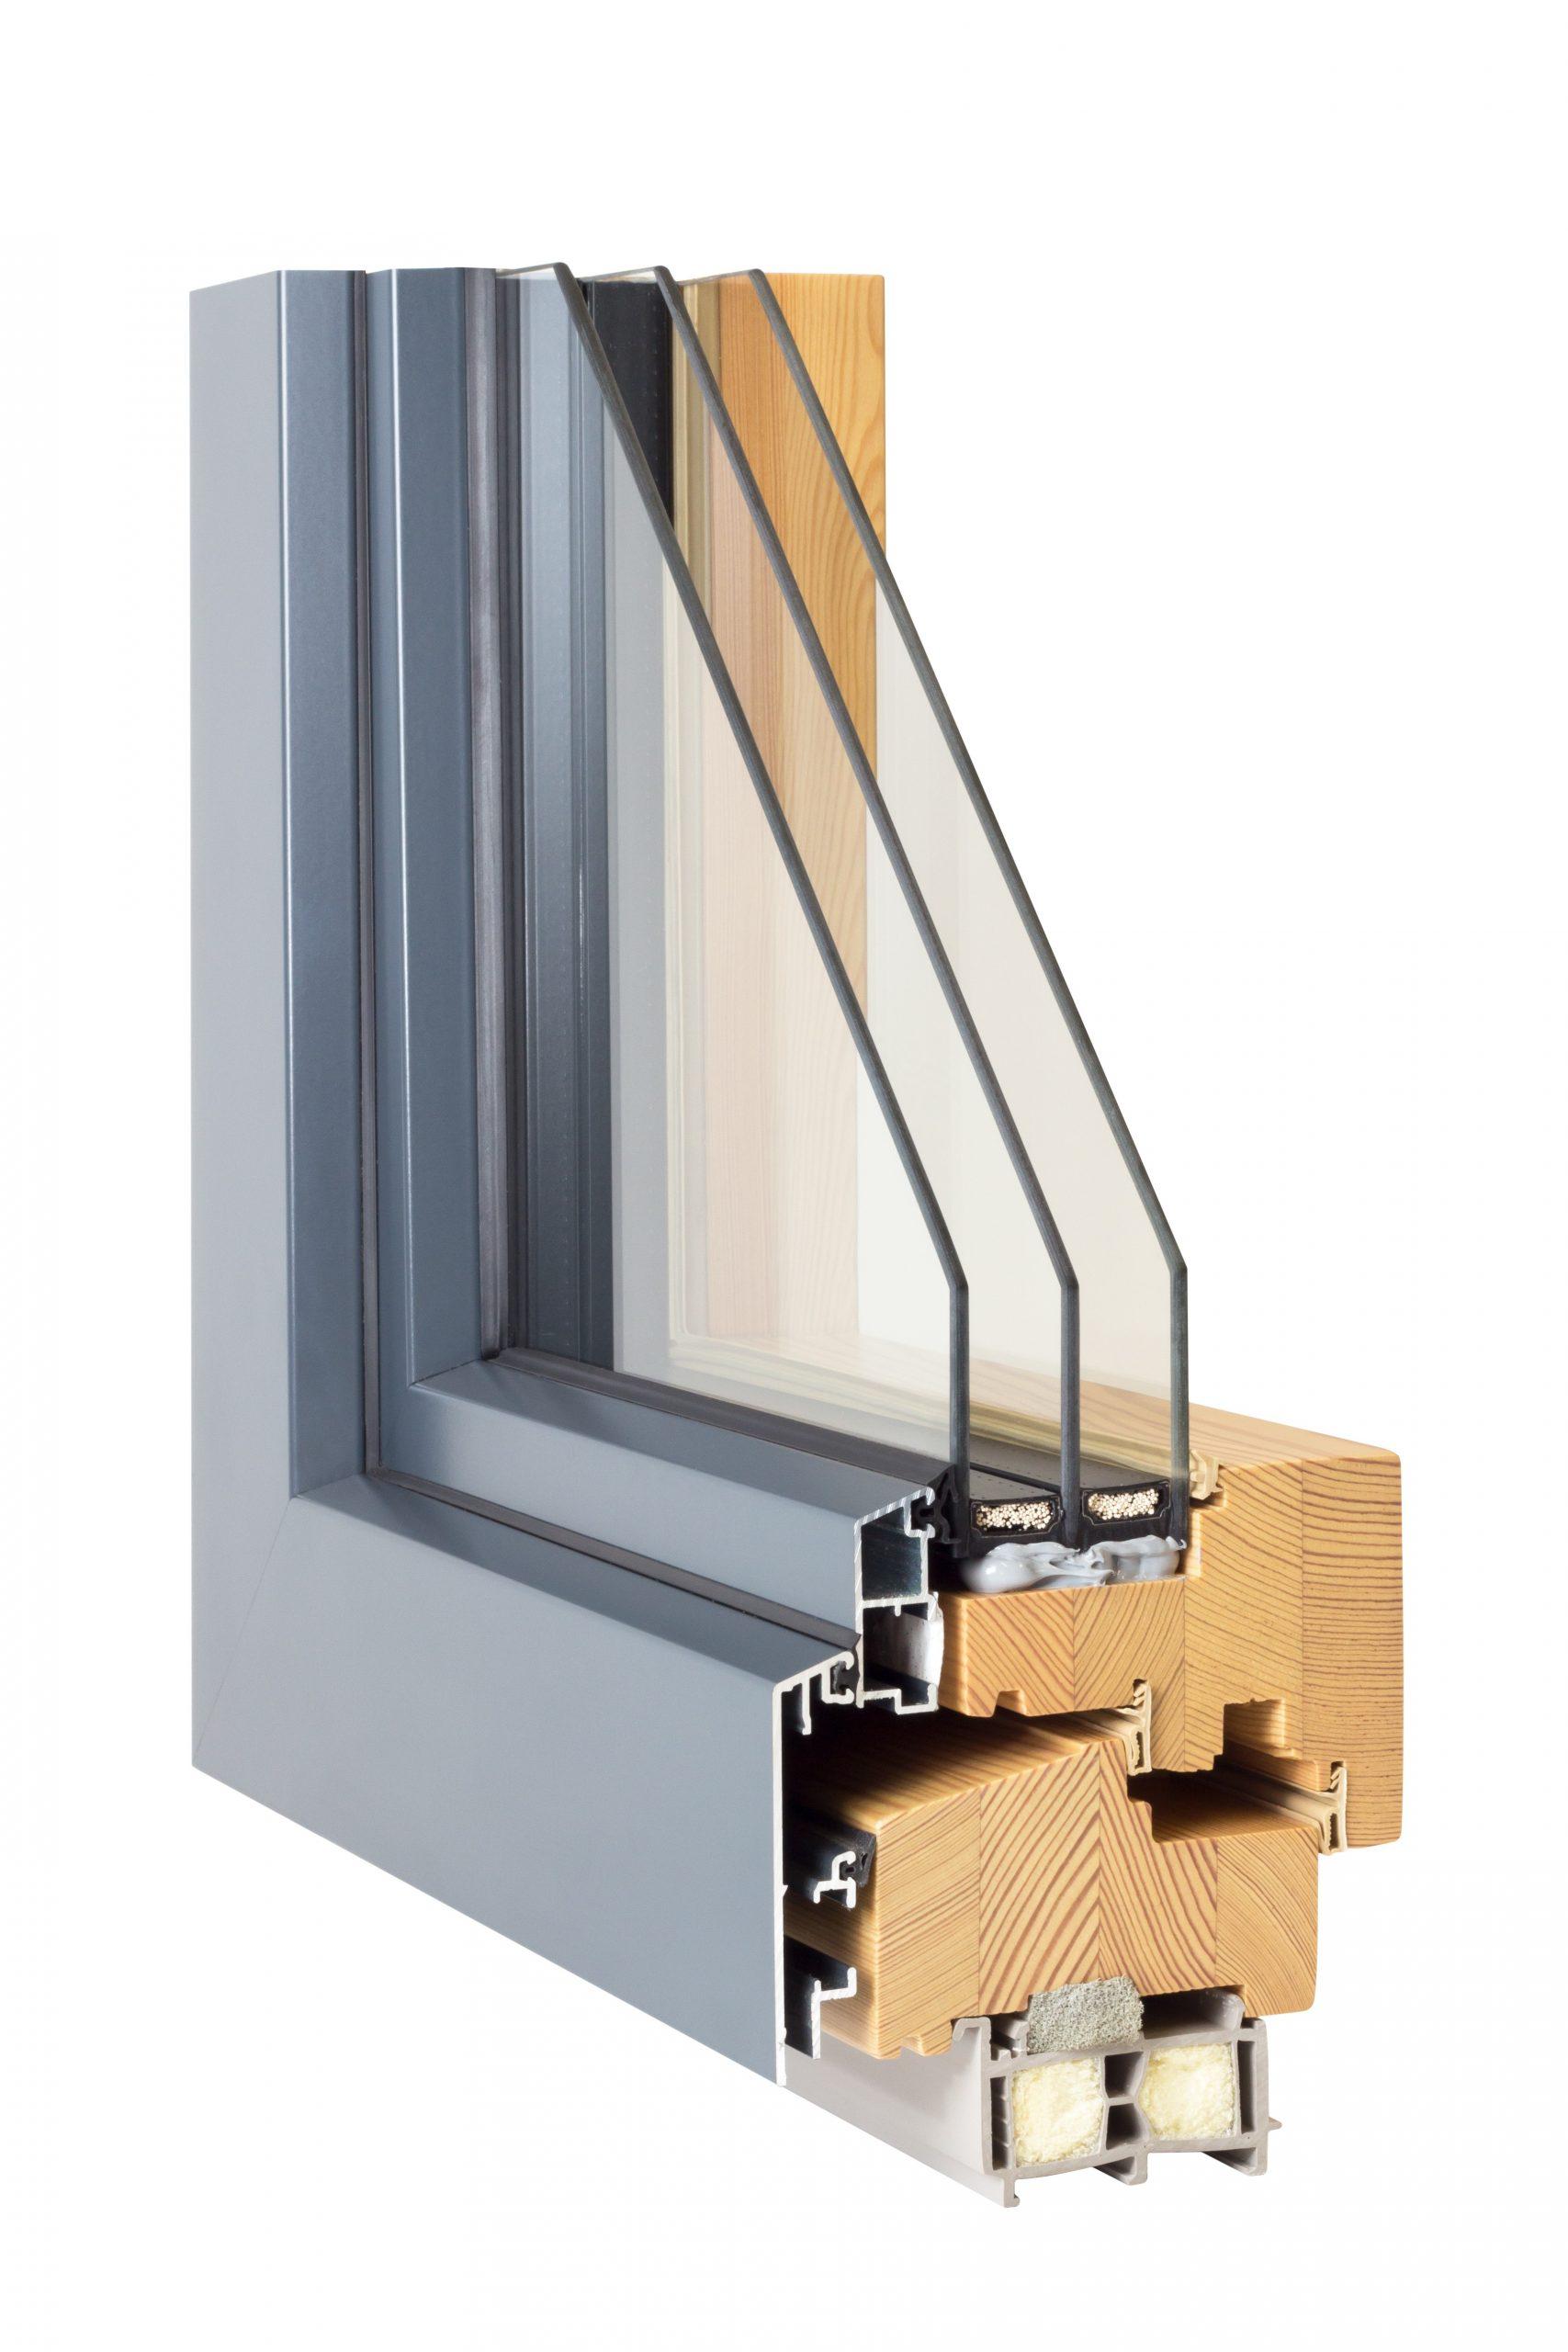 Full Size of Holz Alu Fenster Preise Unilux Preisliste Erfahrungen Preisunterschied Aluminium Preis Kosten Leistung Preisvergleich Holzoptik Günstige Folie Fliesen Bad Rc3 Fenster Holz Alu Fenster Preise